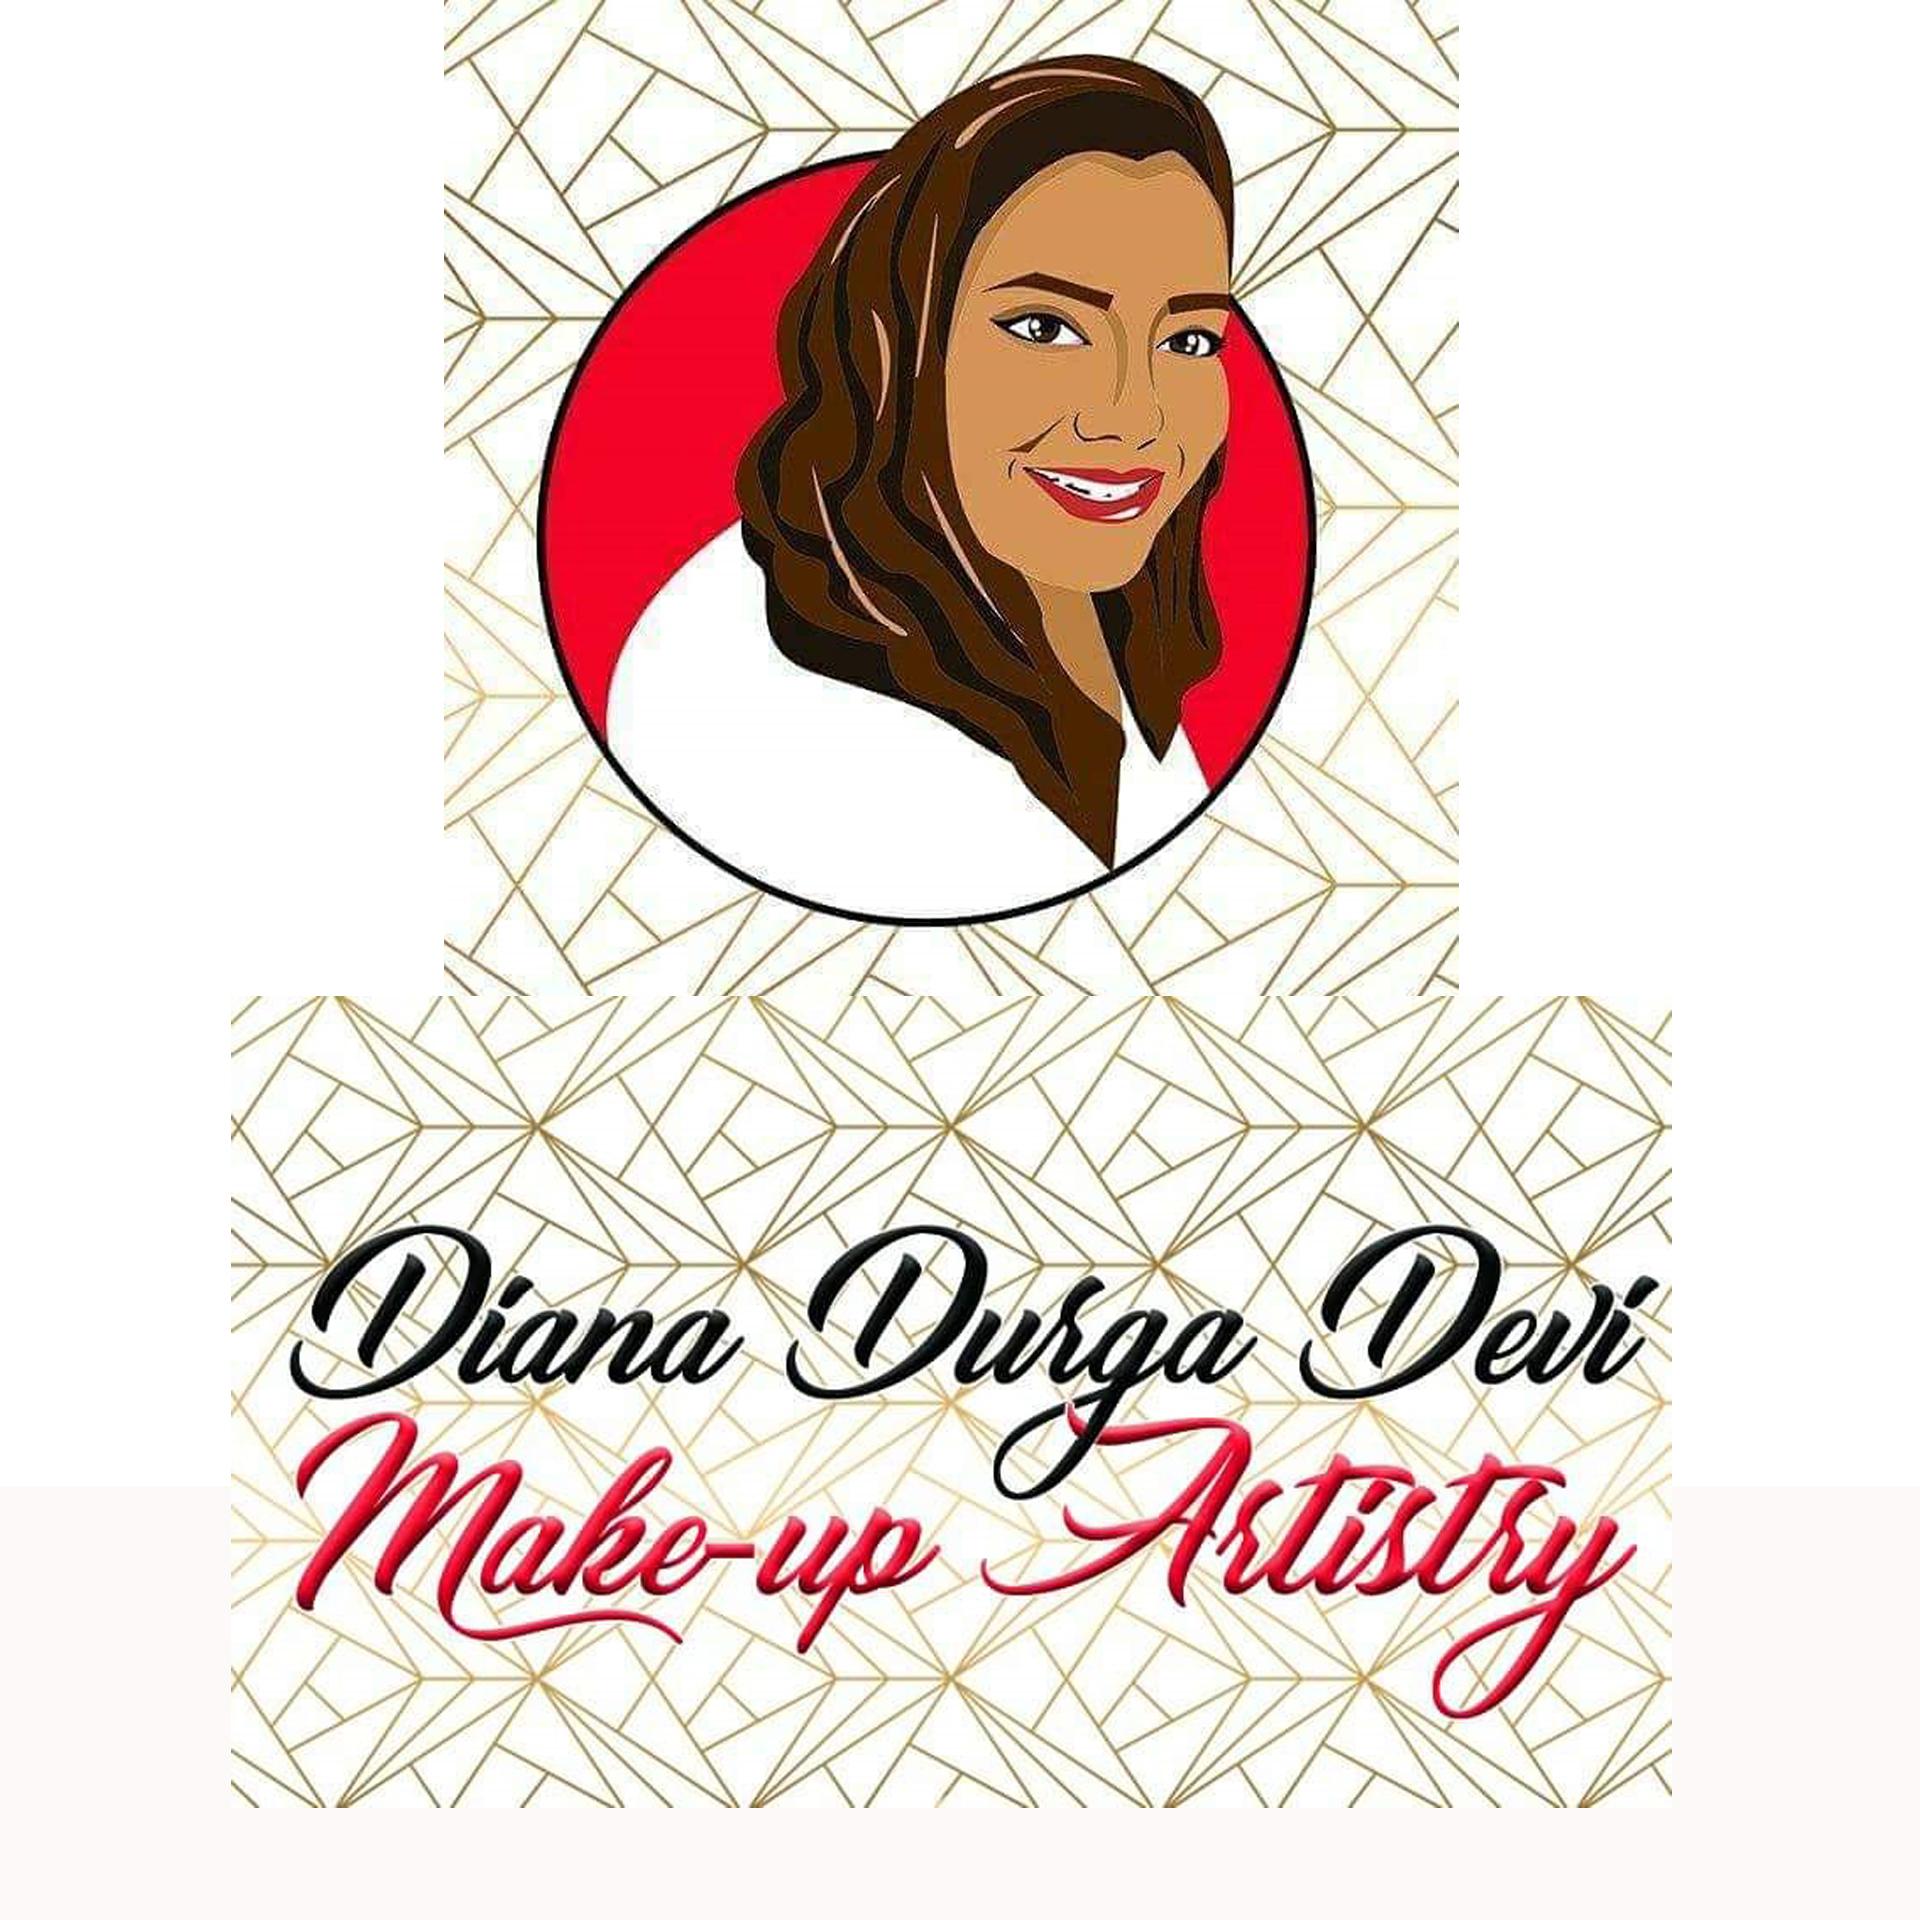 Diana Durga Devi Makeup Artistry image